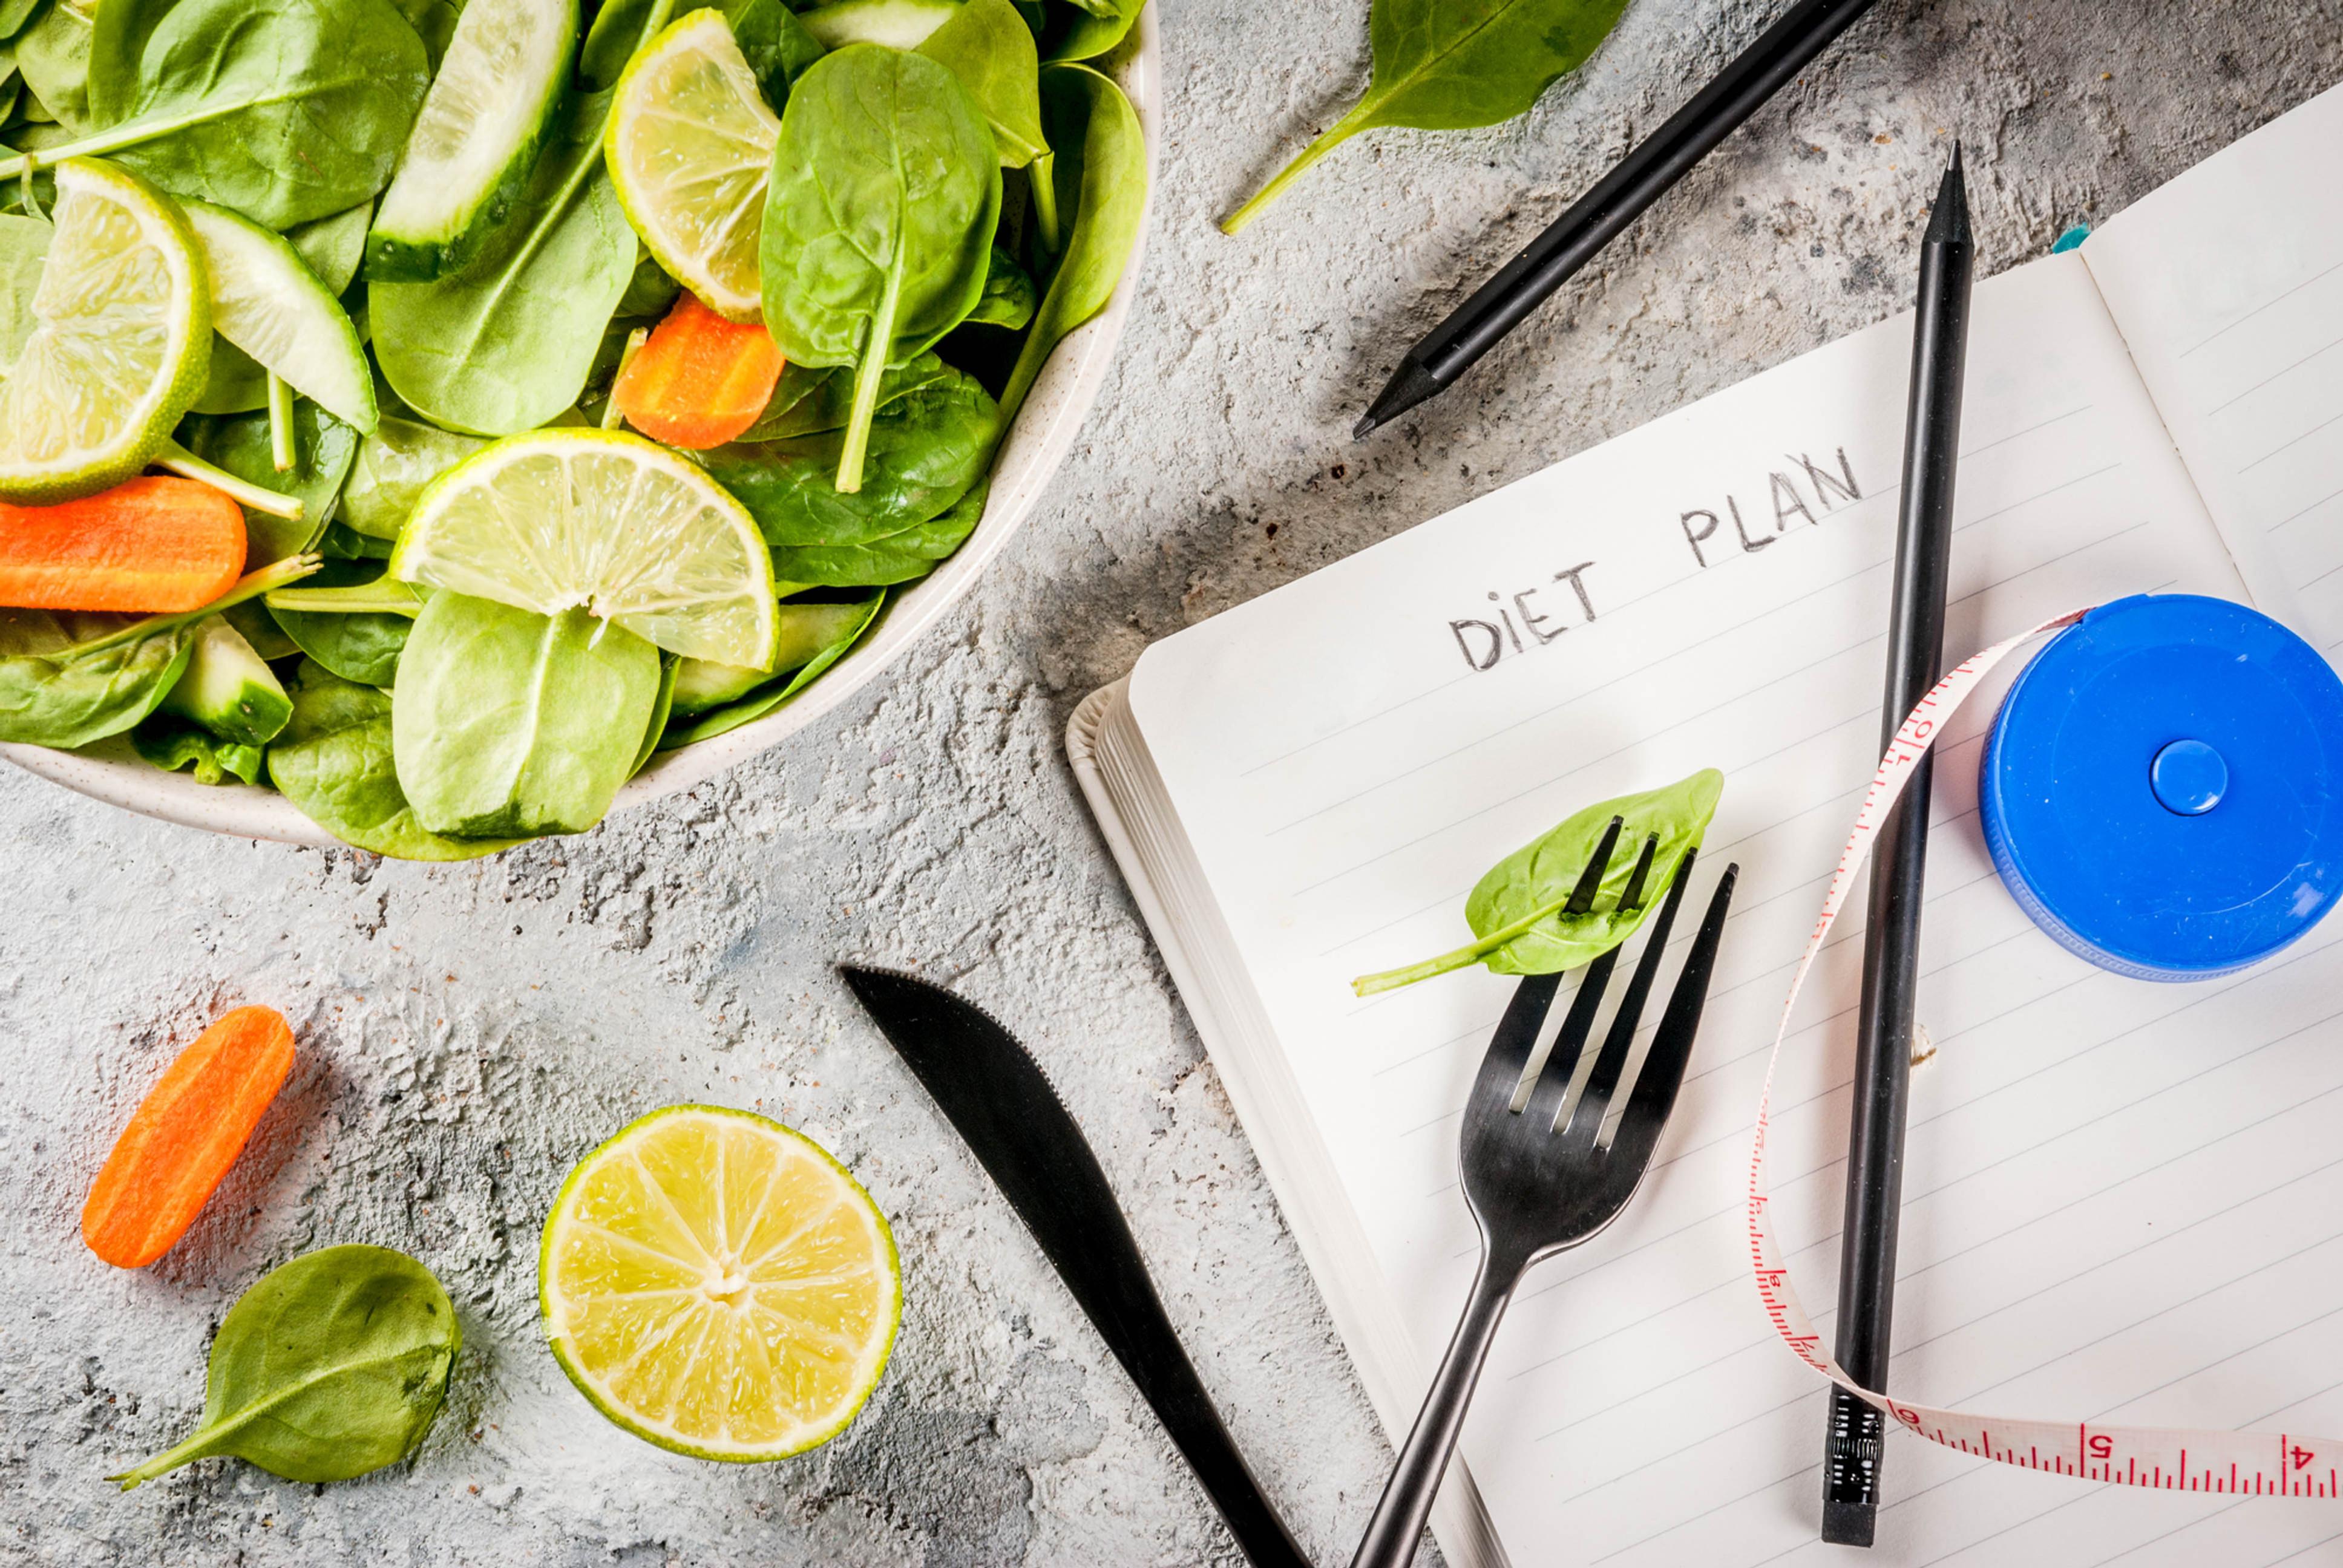 Asesoría para disminuir peso y medidas